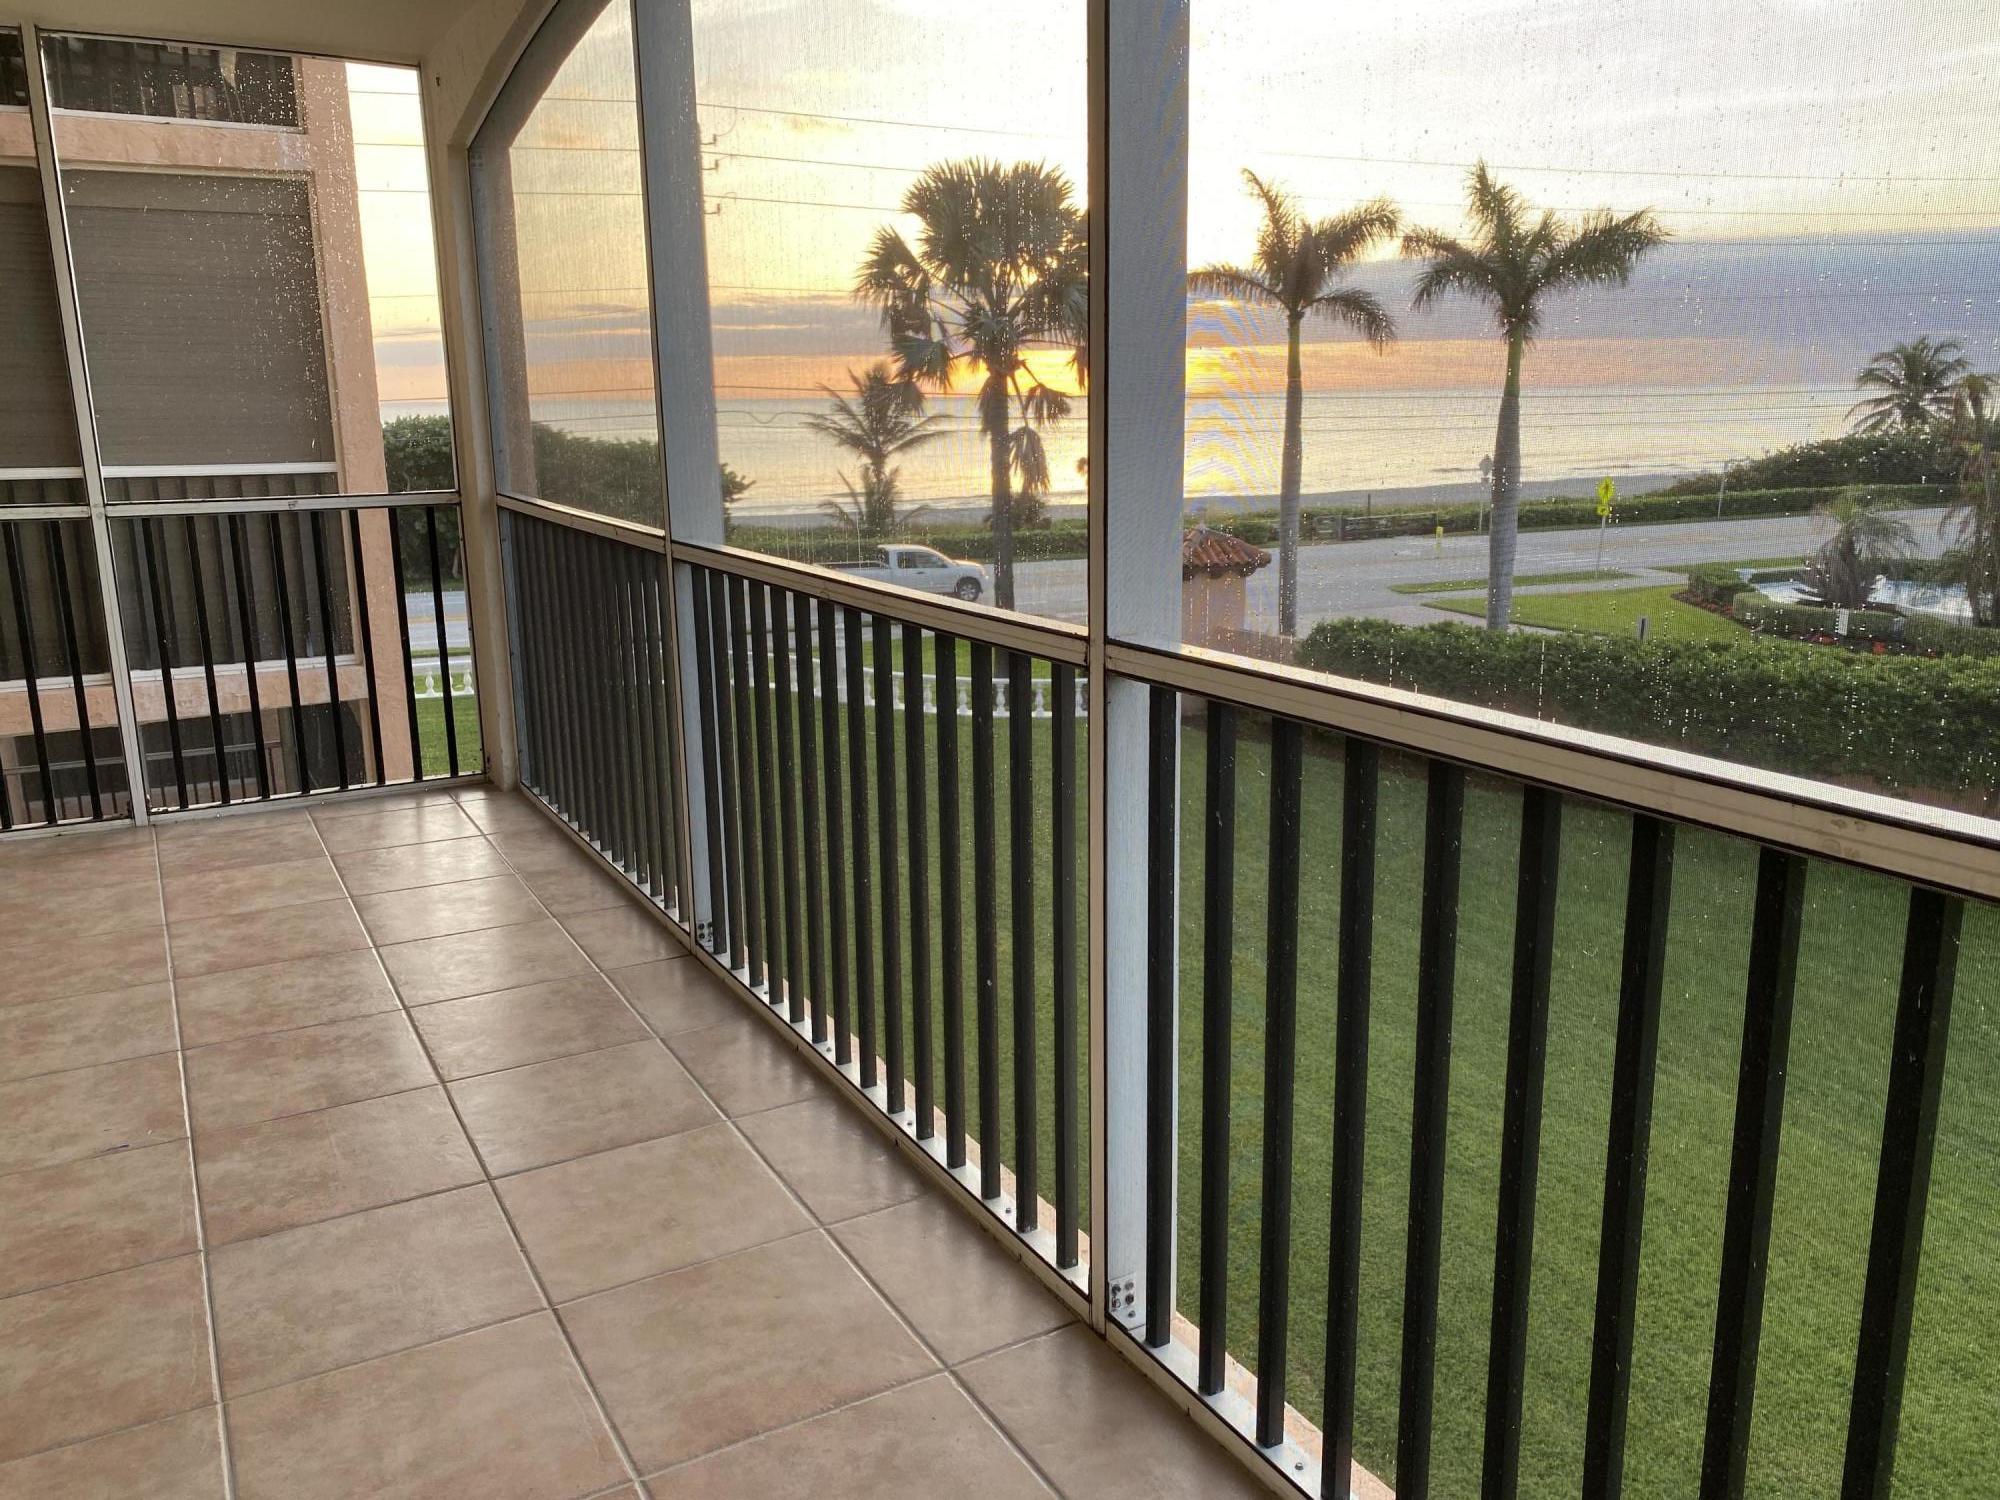 Photo of 2871 N Ocean Boulevard #C305, Boca Raton, FL 33431